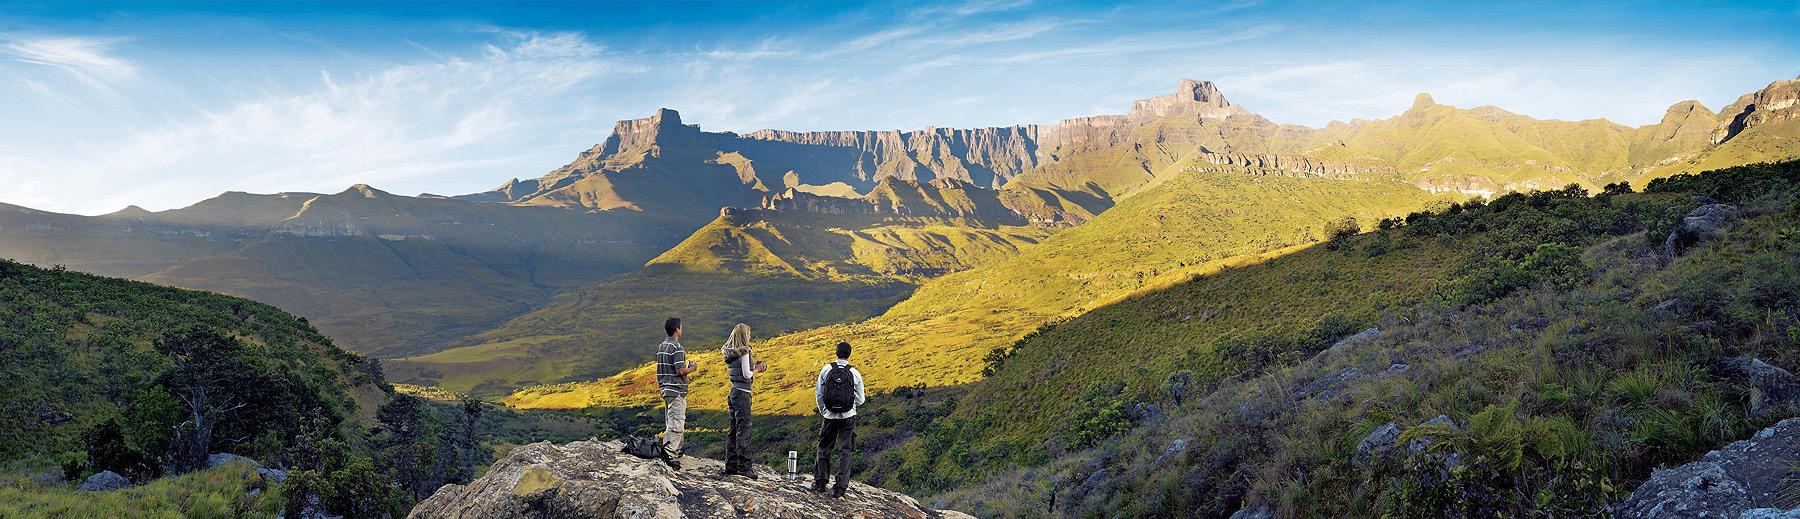 South Africa Tours & Safaris